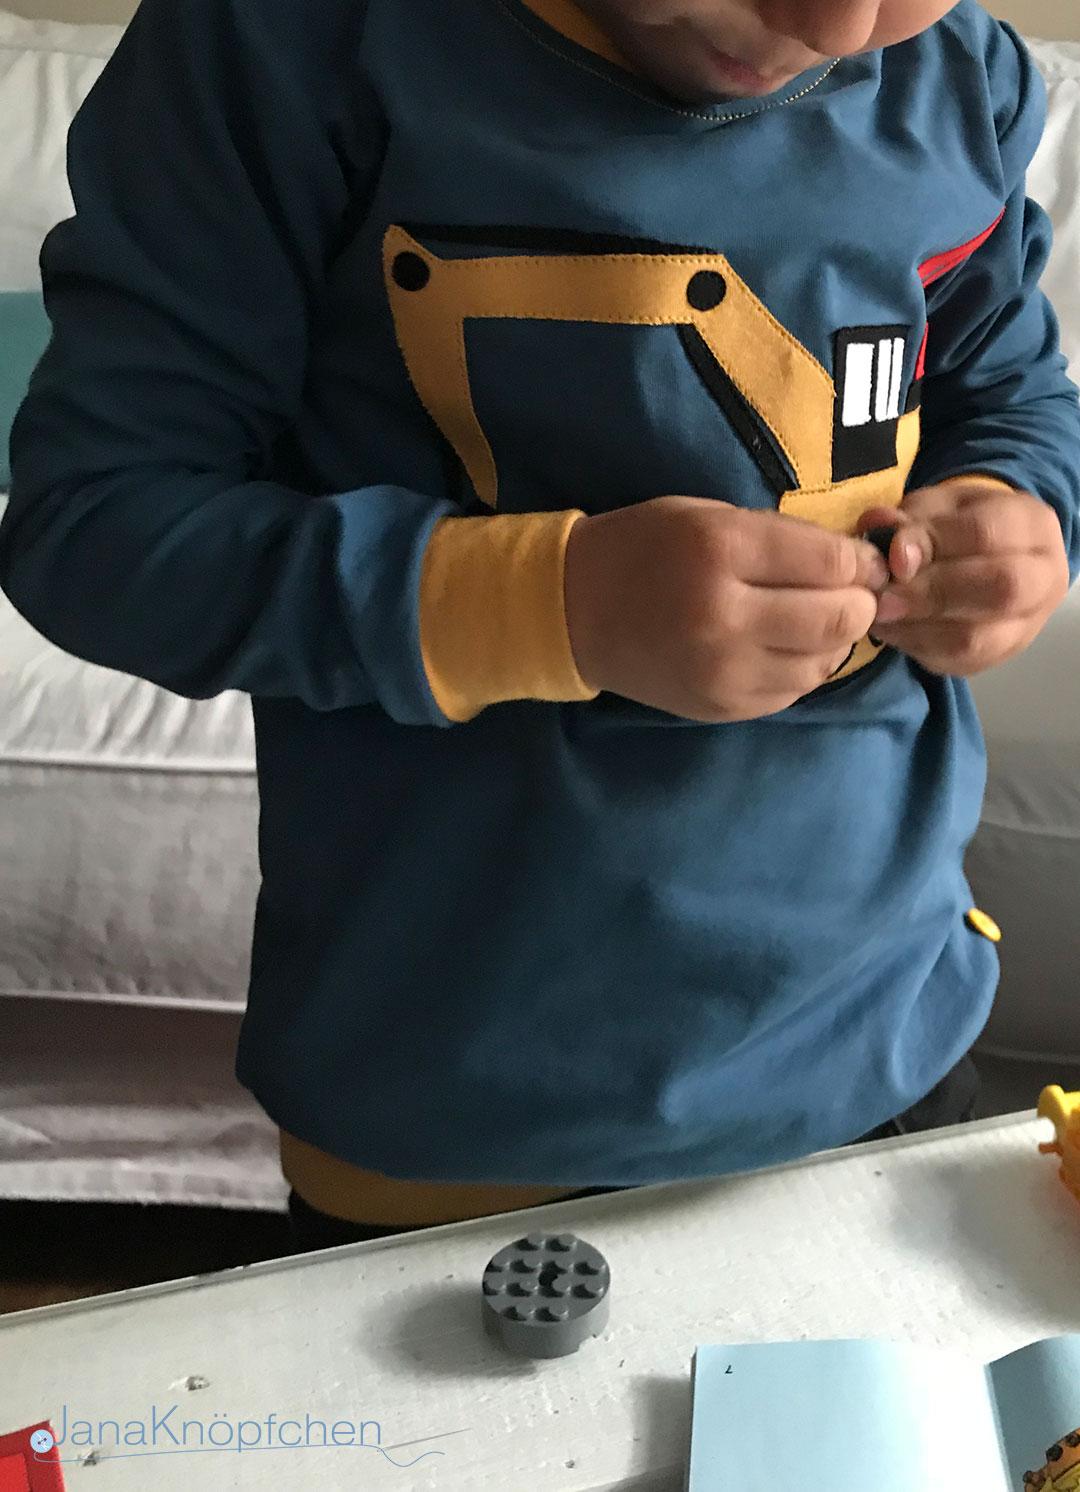 geburtstagsshirt bagger tragen janaknoepfchen